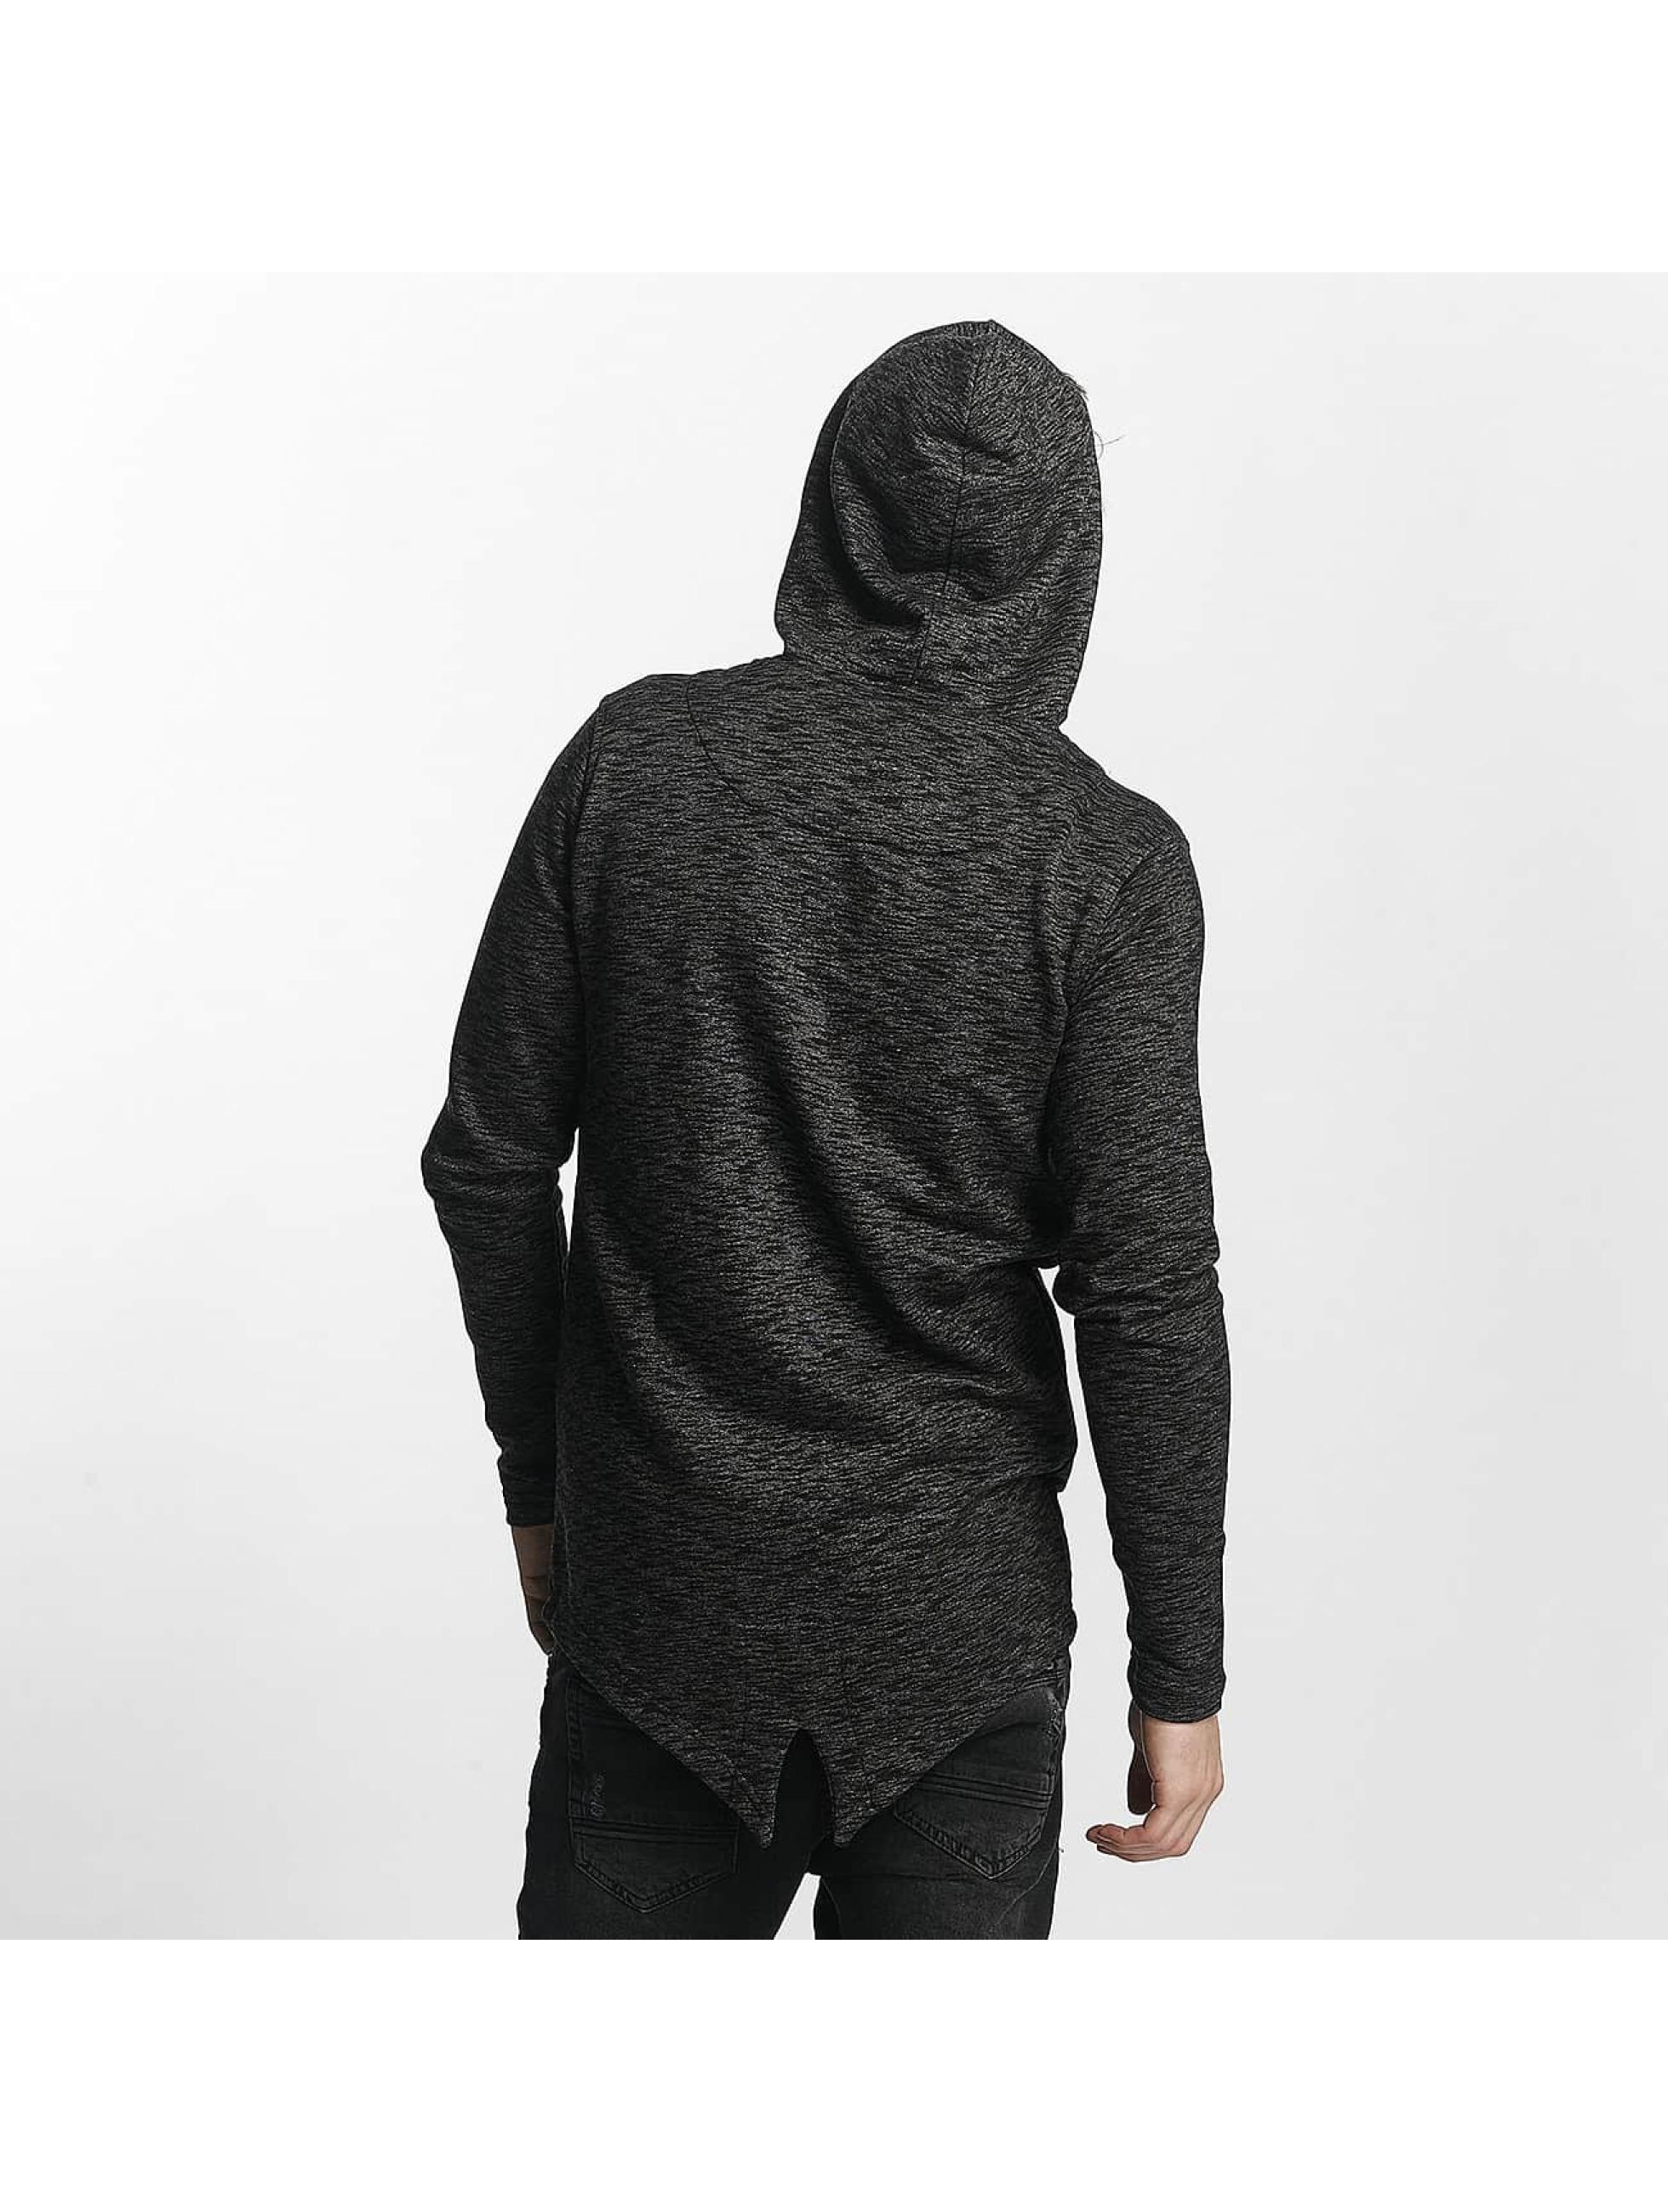 Cipo & Baxx vest Cipo & Baxx Cardigan zwart